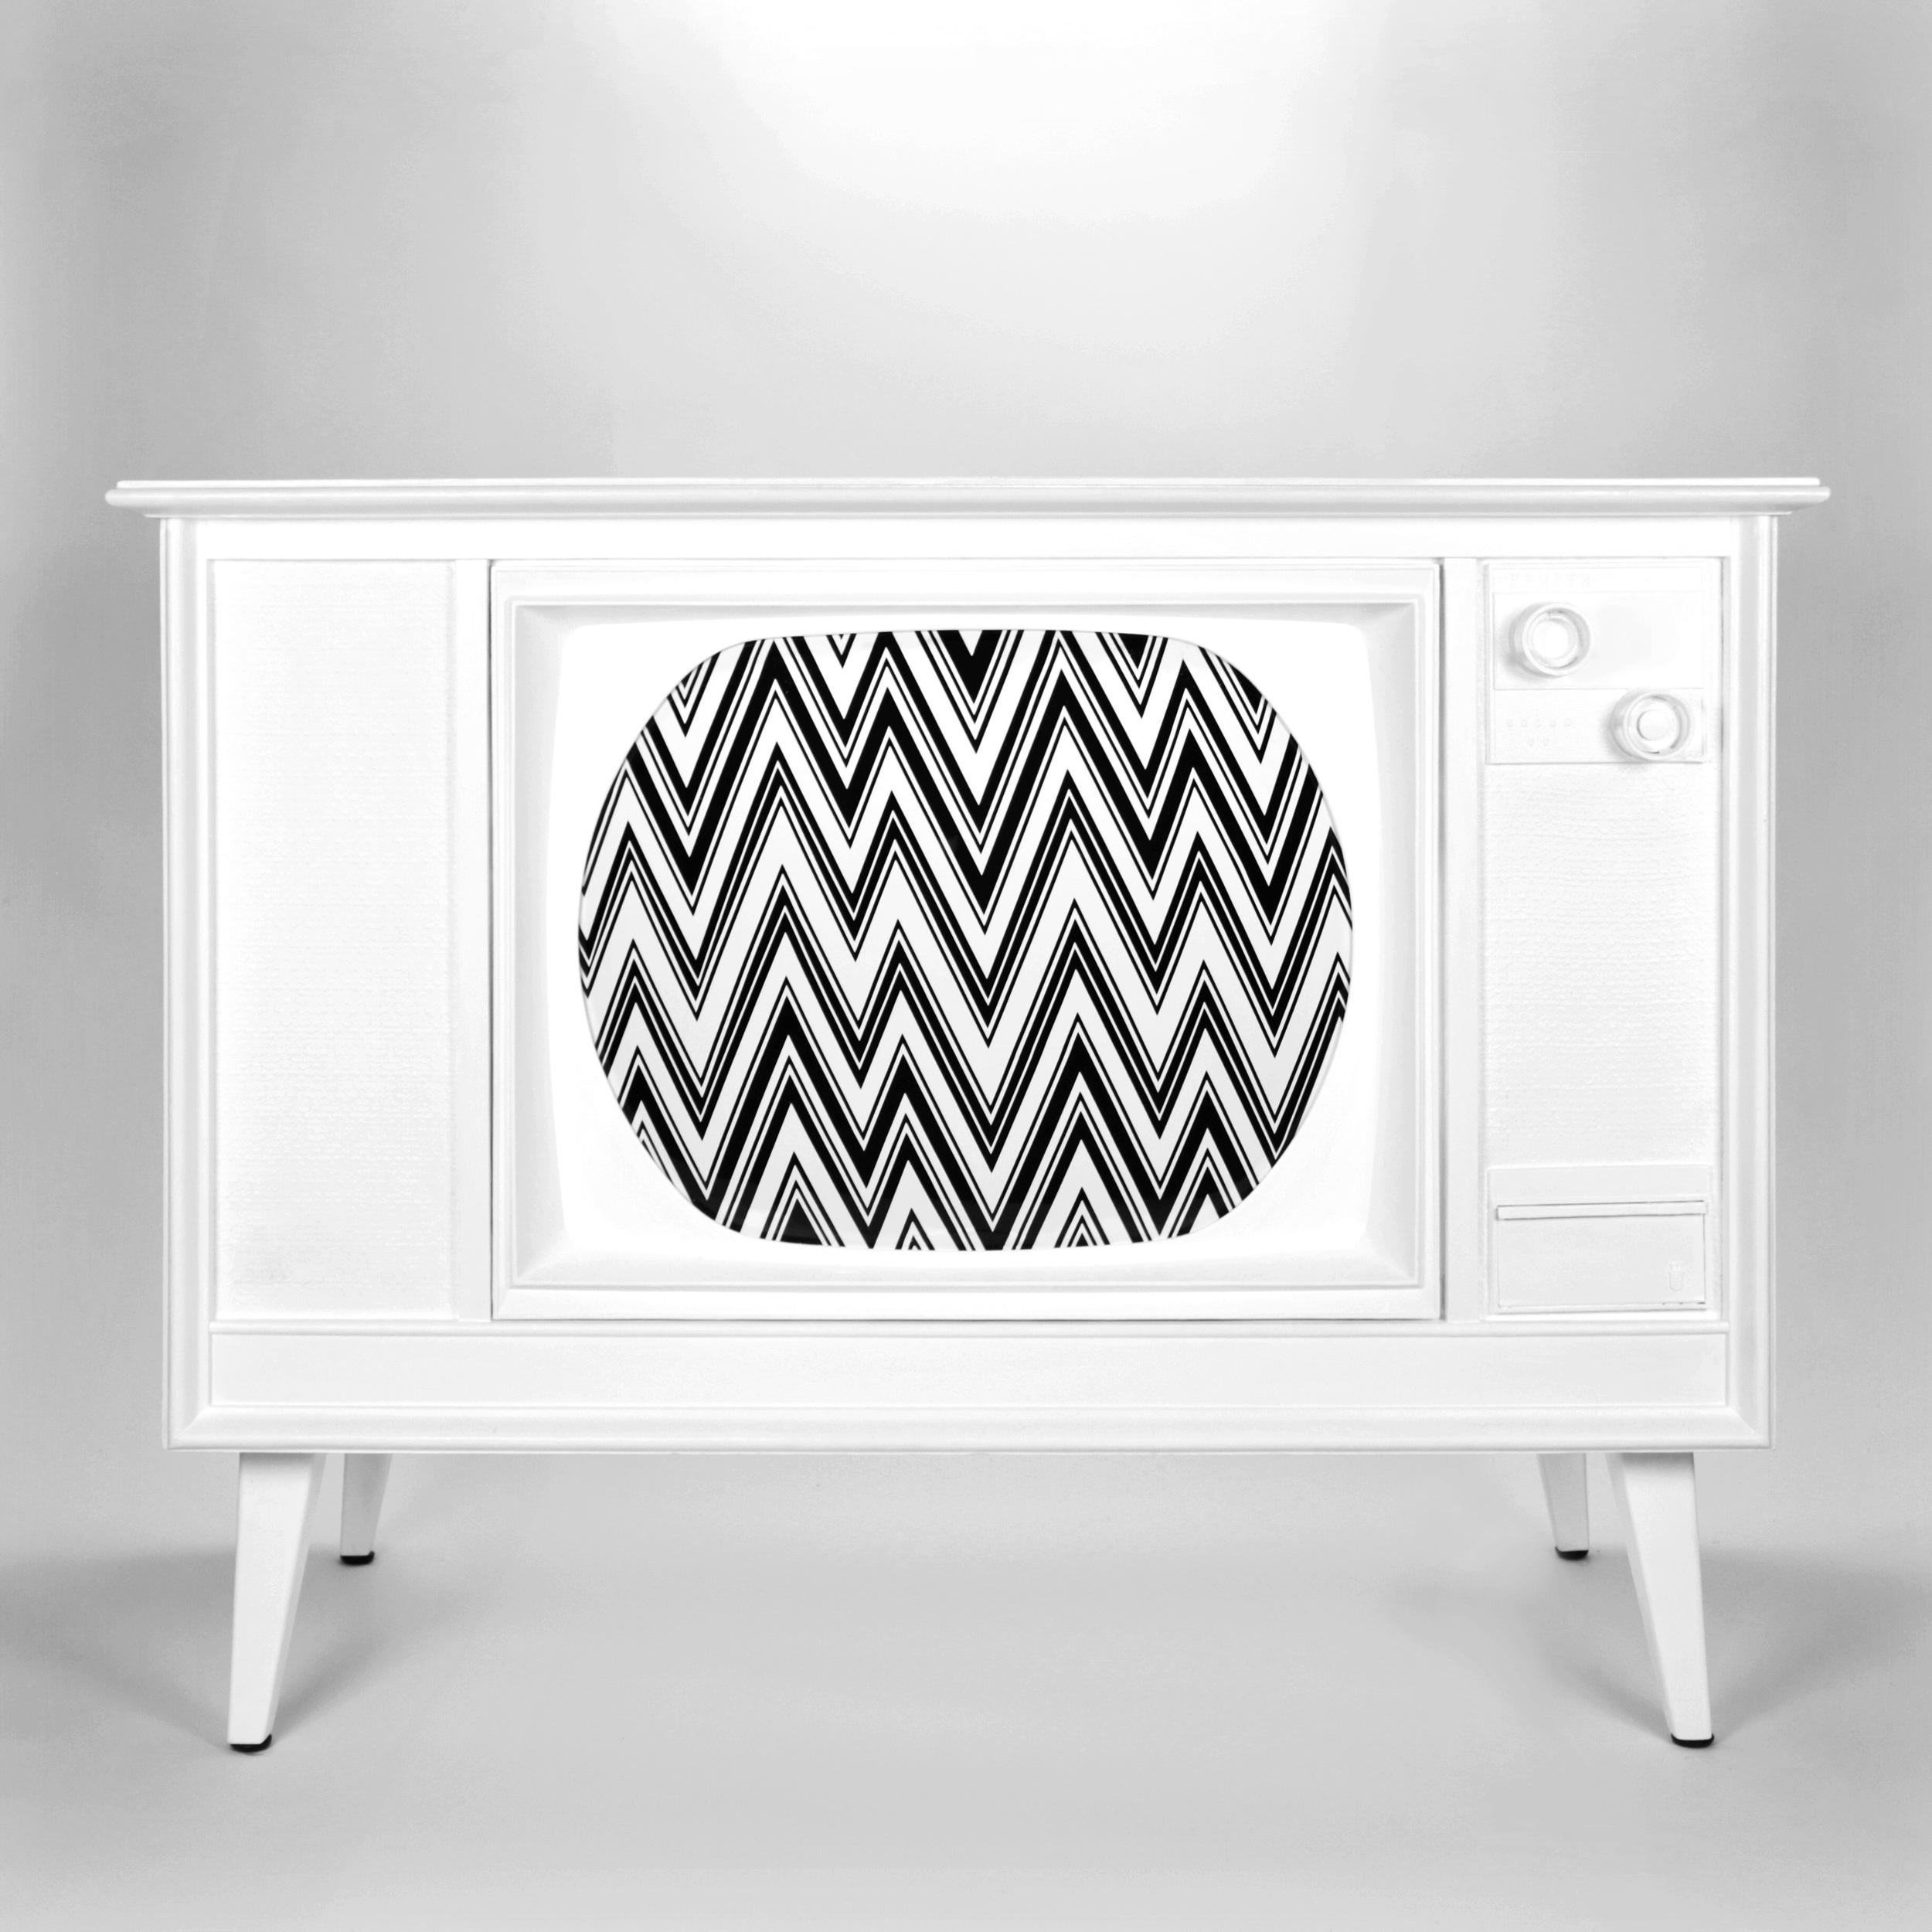 Zenith Color TV Desk (Front)